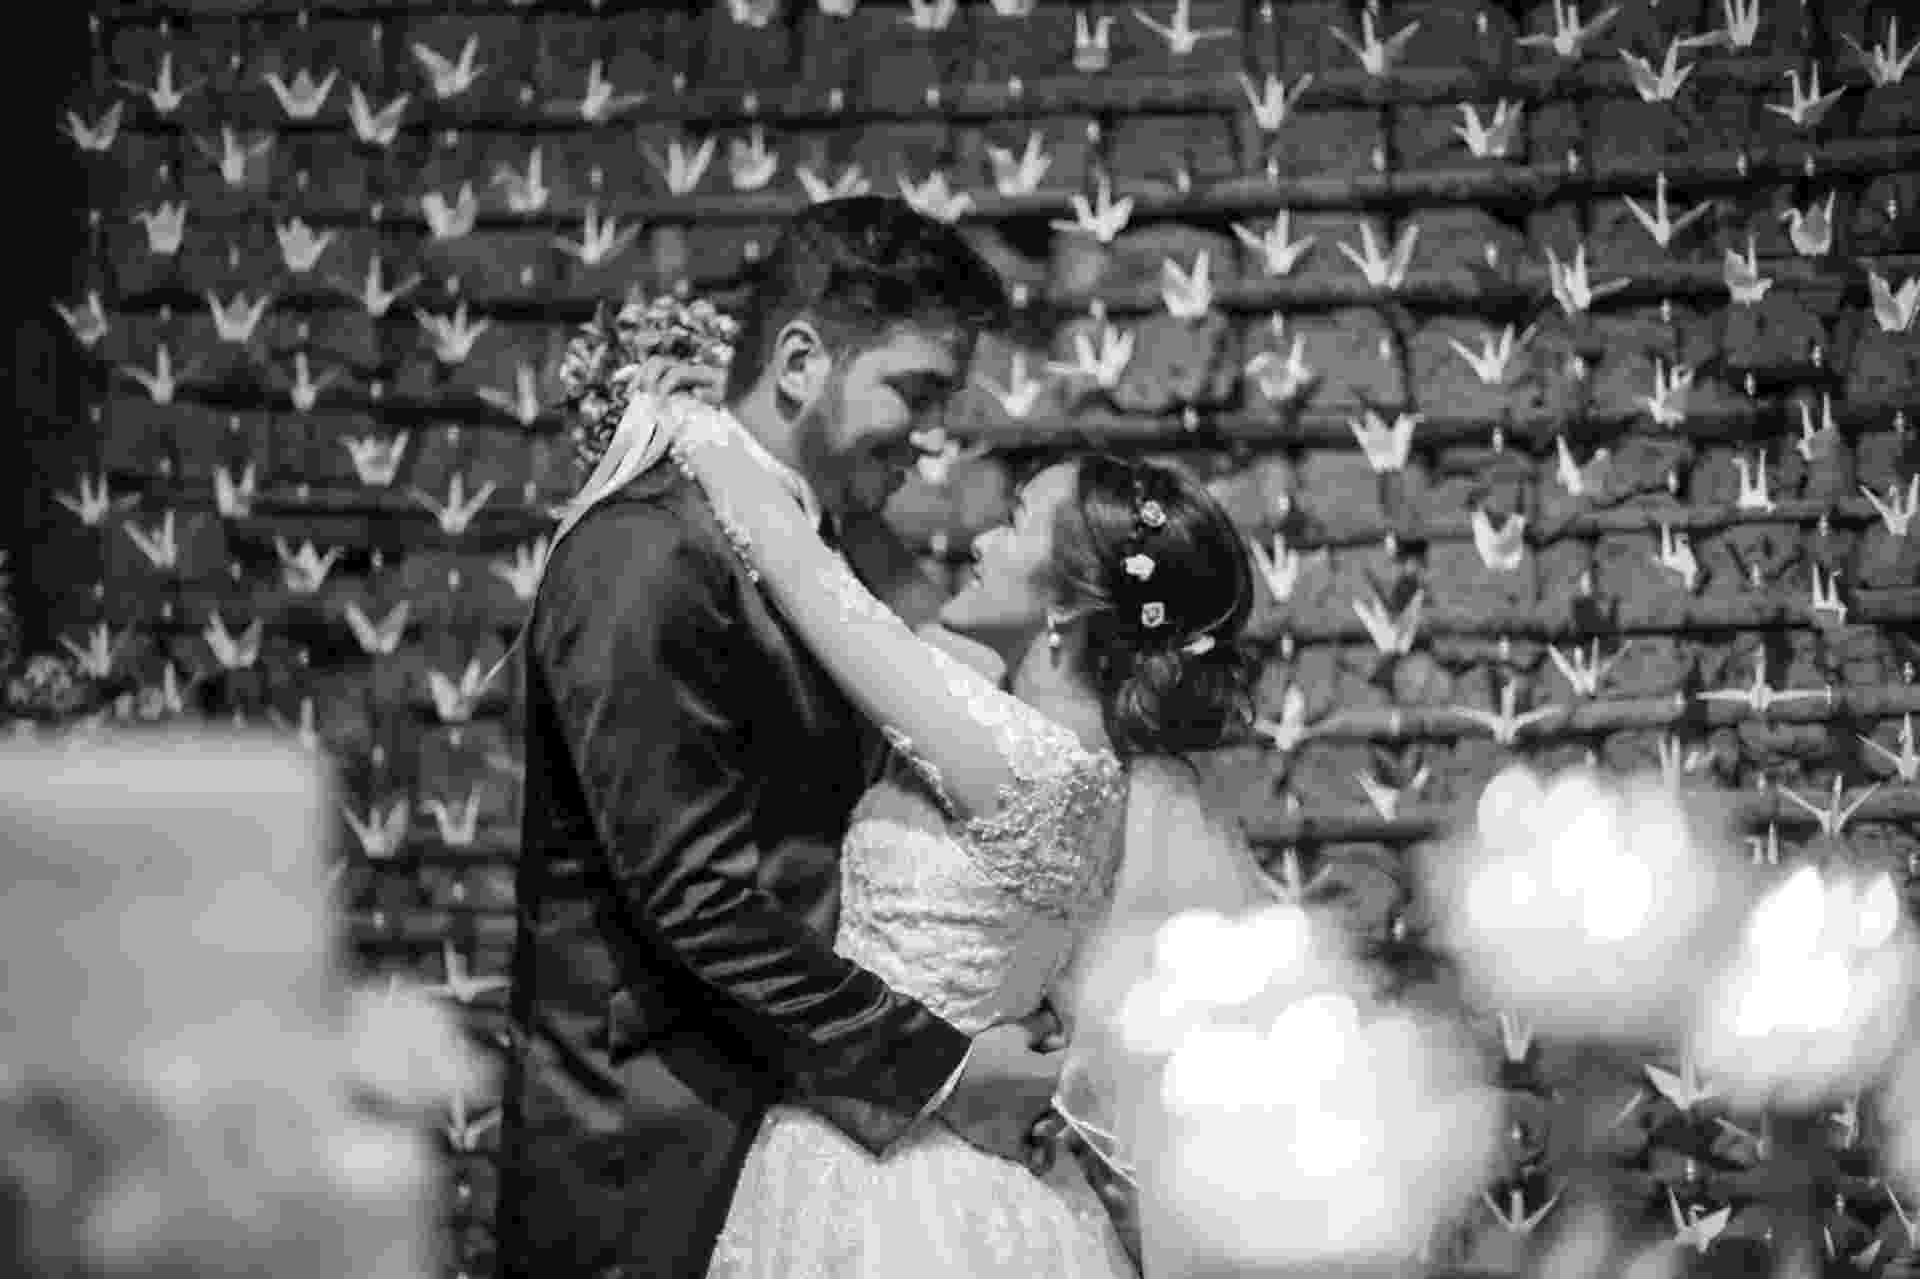 """A jornalista Giselle Hirata e o orçamentista Allan Lobato se casaram em uma cerimônia com ares orientais e um toque retrô em Salesópolis, interior de São Paulo. Adeptos do """"faça você mesmo"""", assumiram grande parte dos preparativos para """"o grande dia"""" (imagem de casamento real - Giselle e Allan - usar apenas no respectivo material) - May Rabello/ Divulgação"""